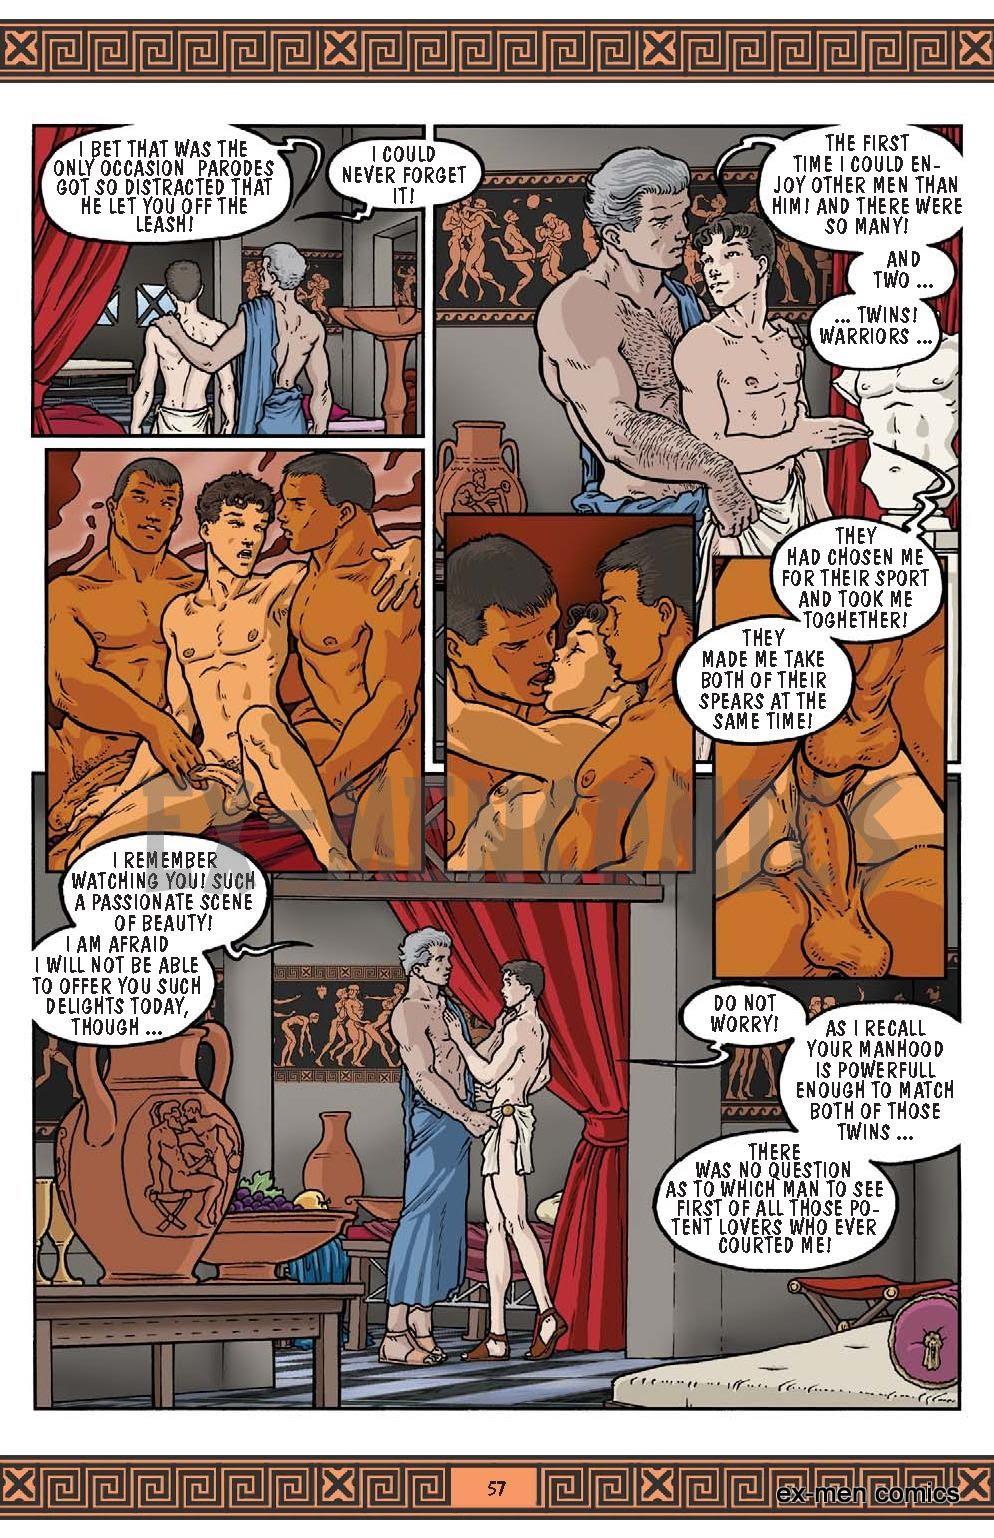 Спасибо порно комиксы древняя греция новьё гг..неплохо